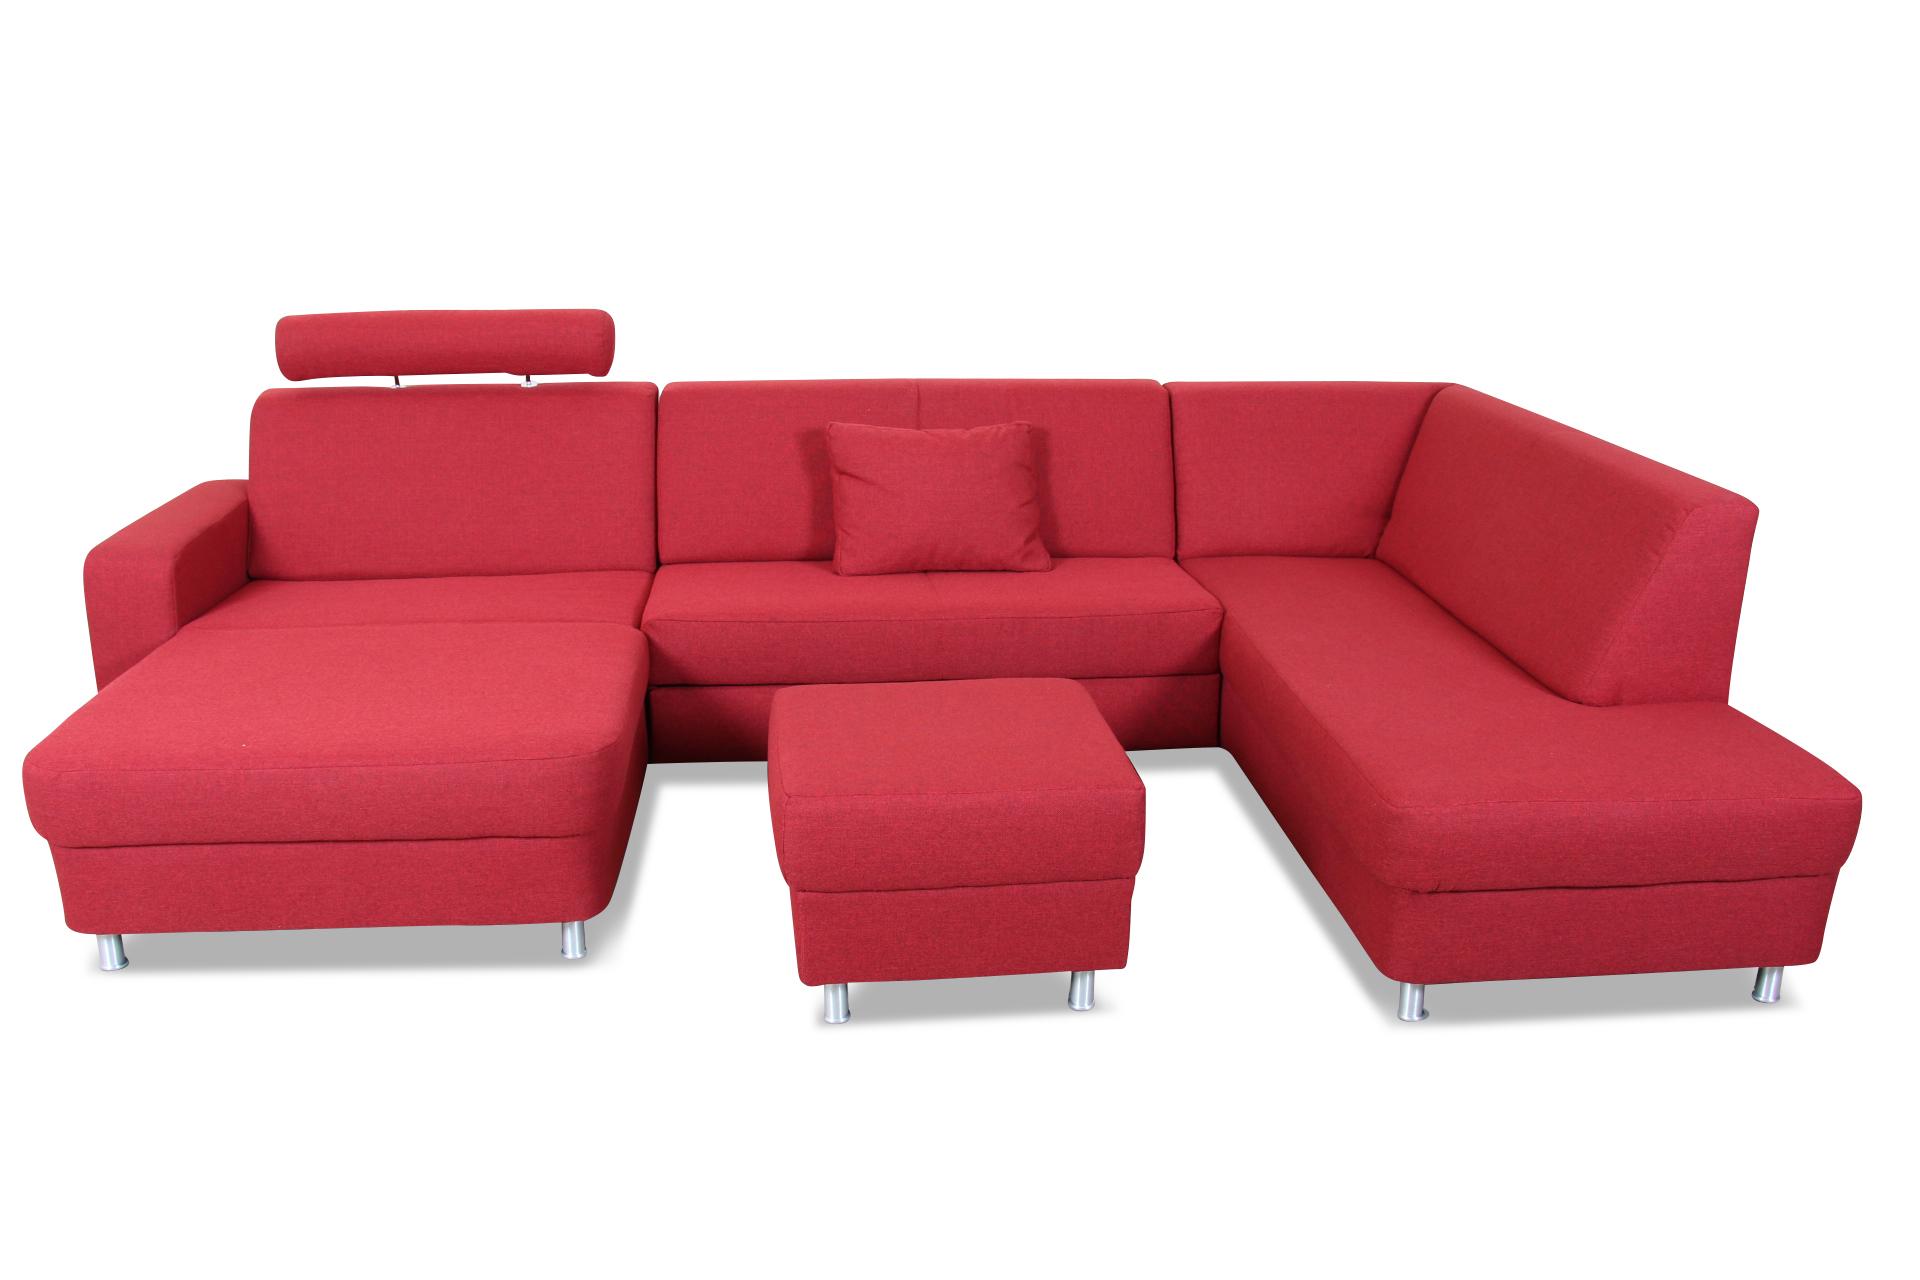 Ada alina u wohnlandschaft rechts 7420 sofa couch ecksofa for Wohnlandschaft 7420